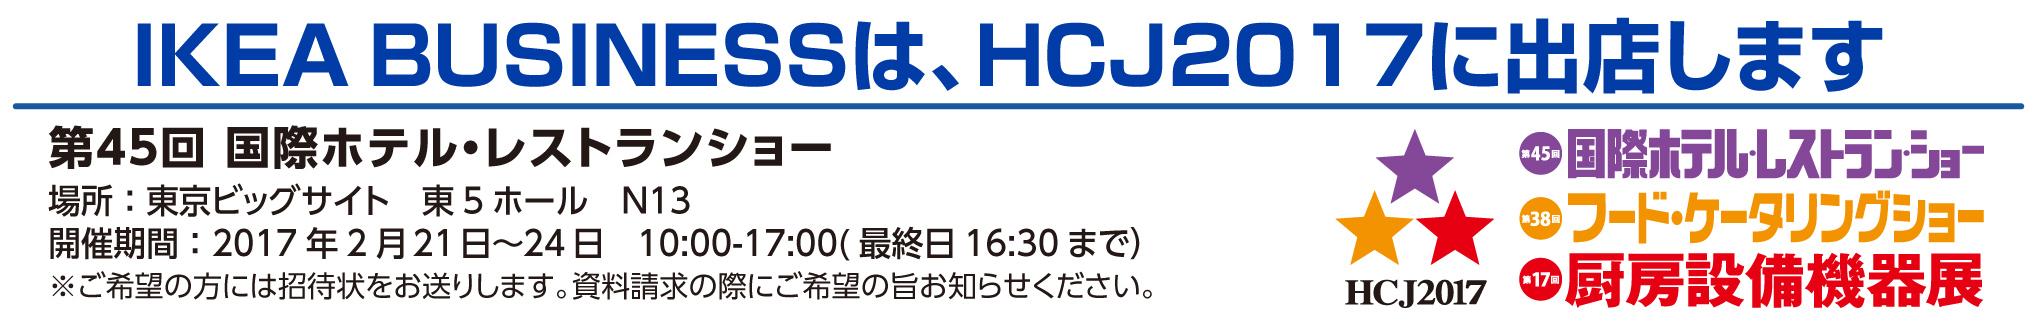 TieUp_IKEA_1221_02